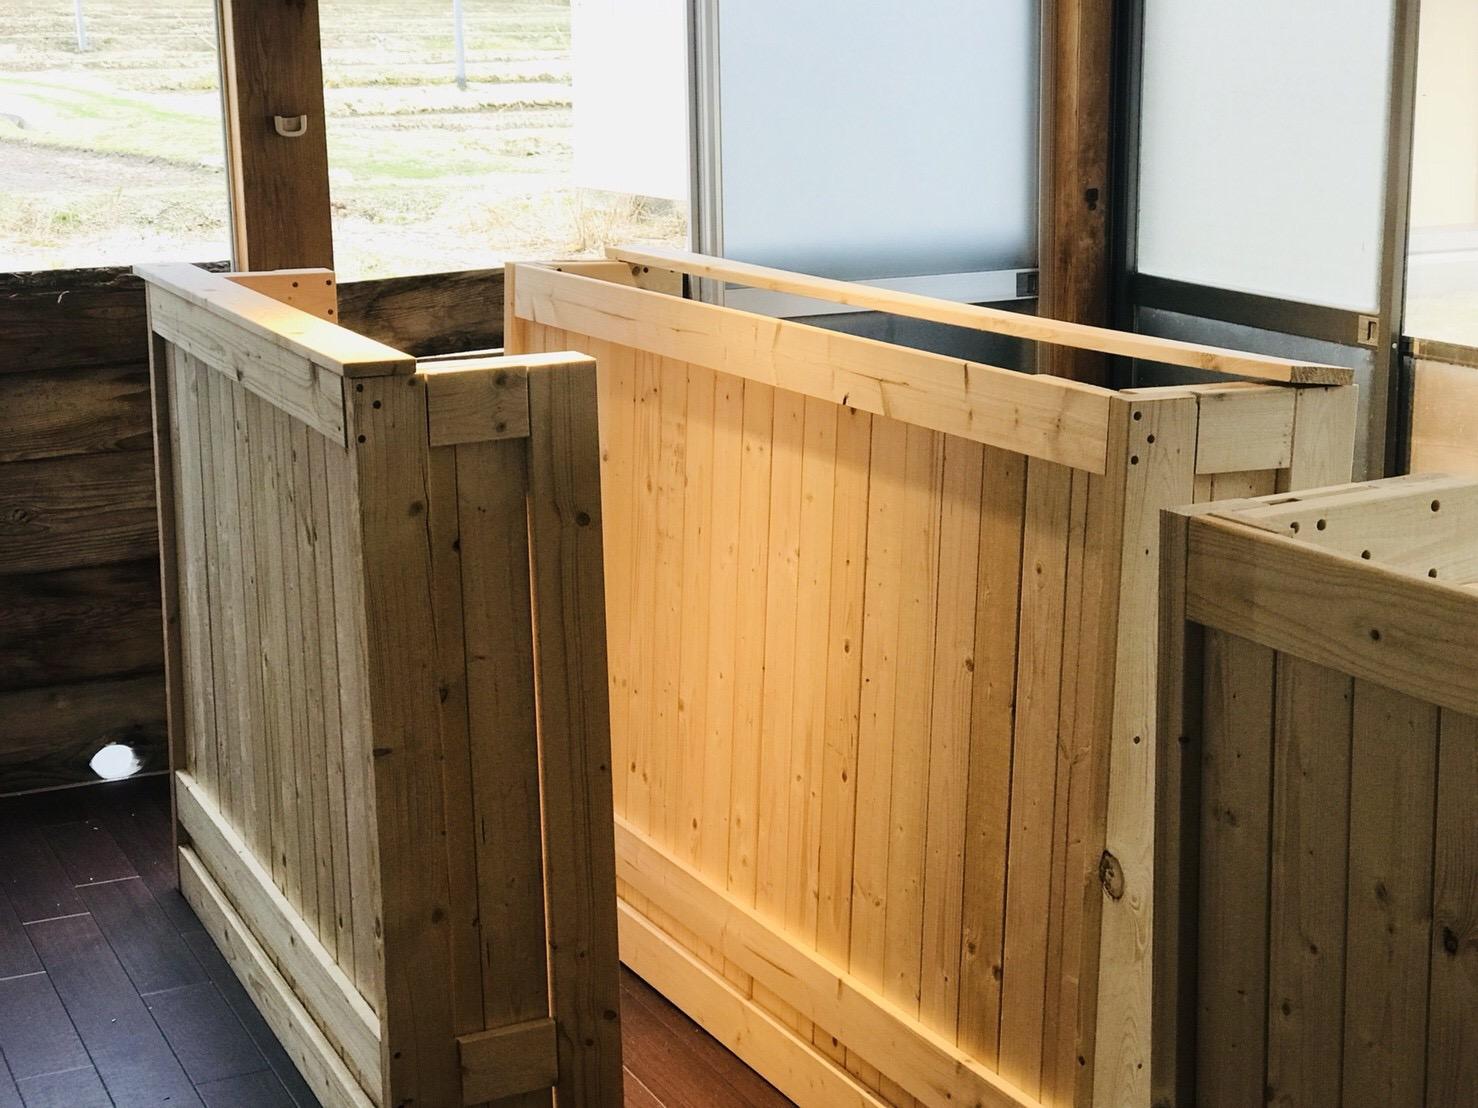 キッチンスペース改装の手順③【DIYでカウンターを造作・設置。】